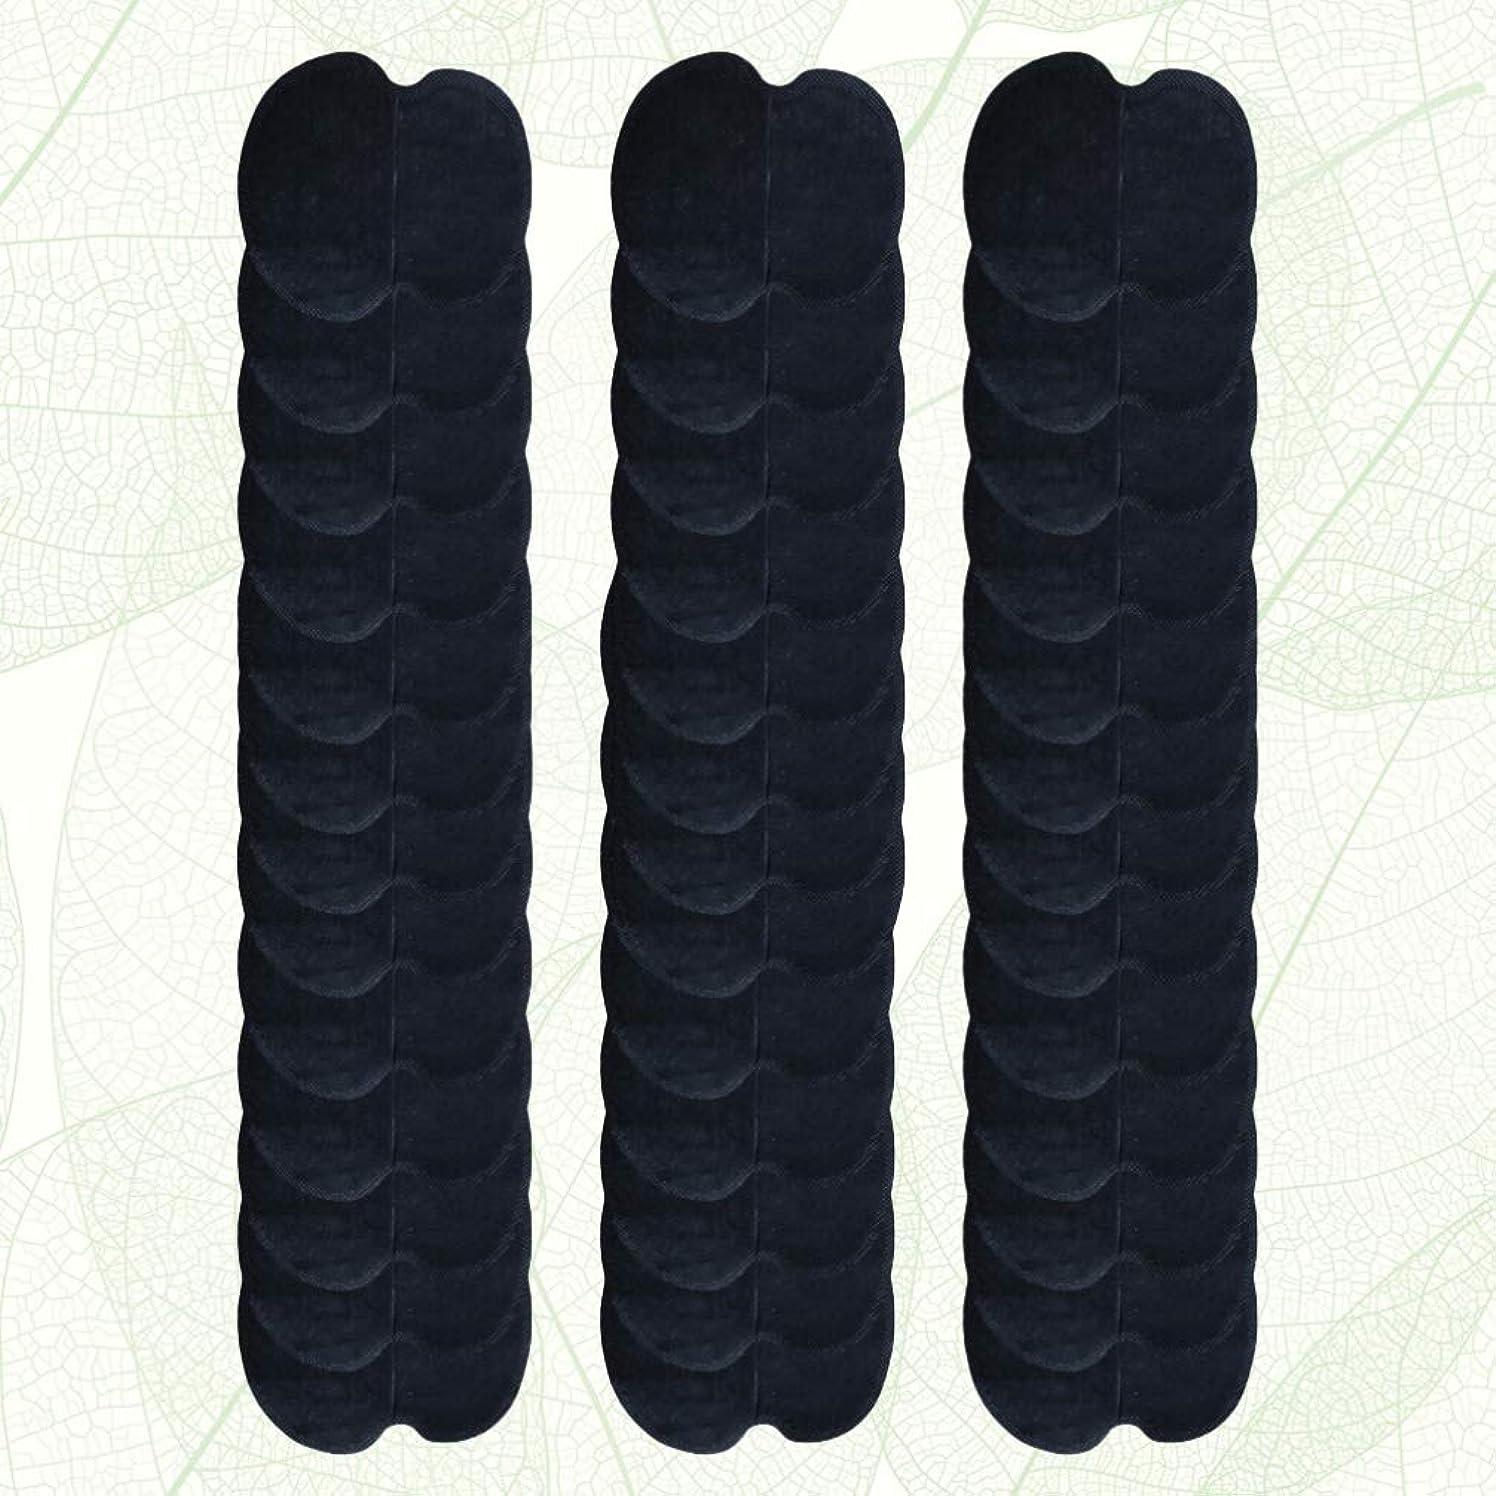 に色合い入学するSUPVOX 30ピース脇の下汗パッド脇の下制汗剤ステッカー使い捨て防止パッド発汗吸収消臭制汗剤脇の下足用